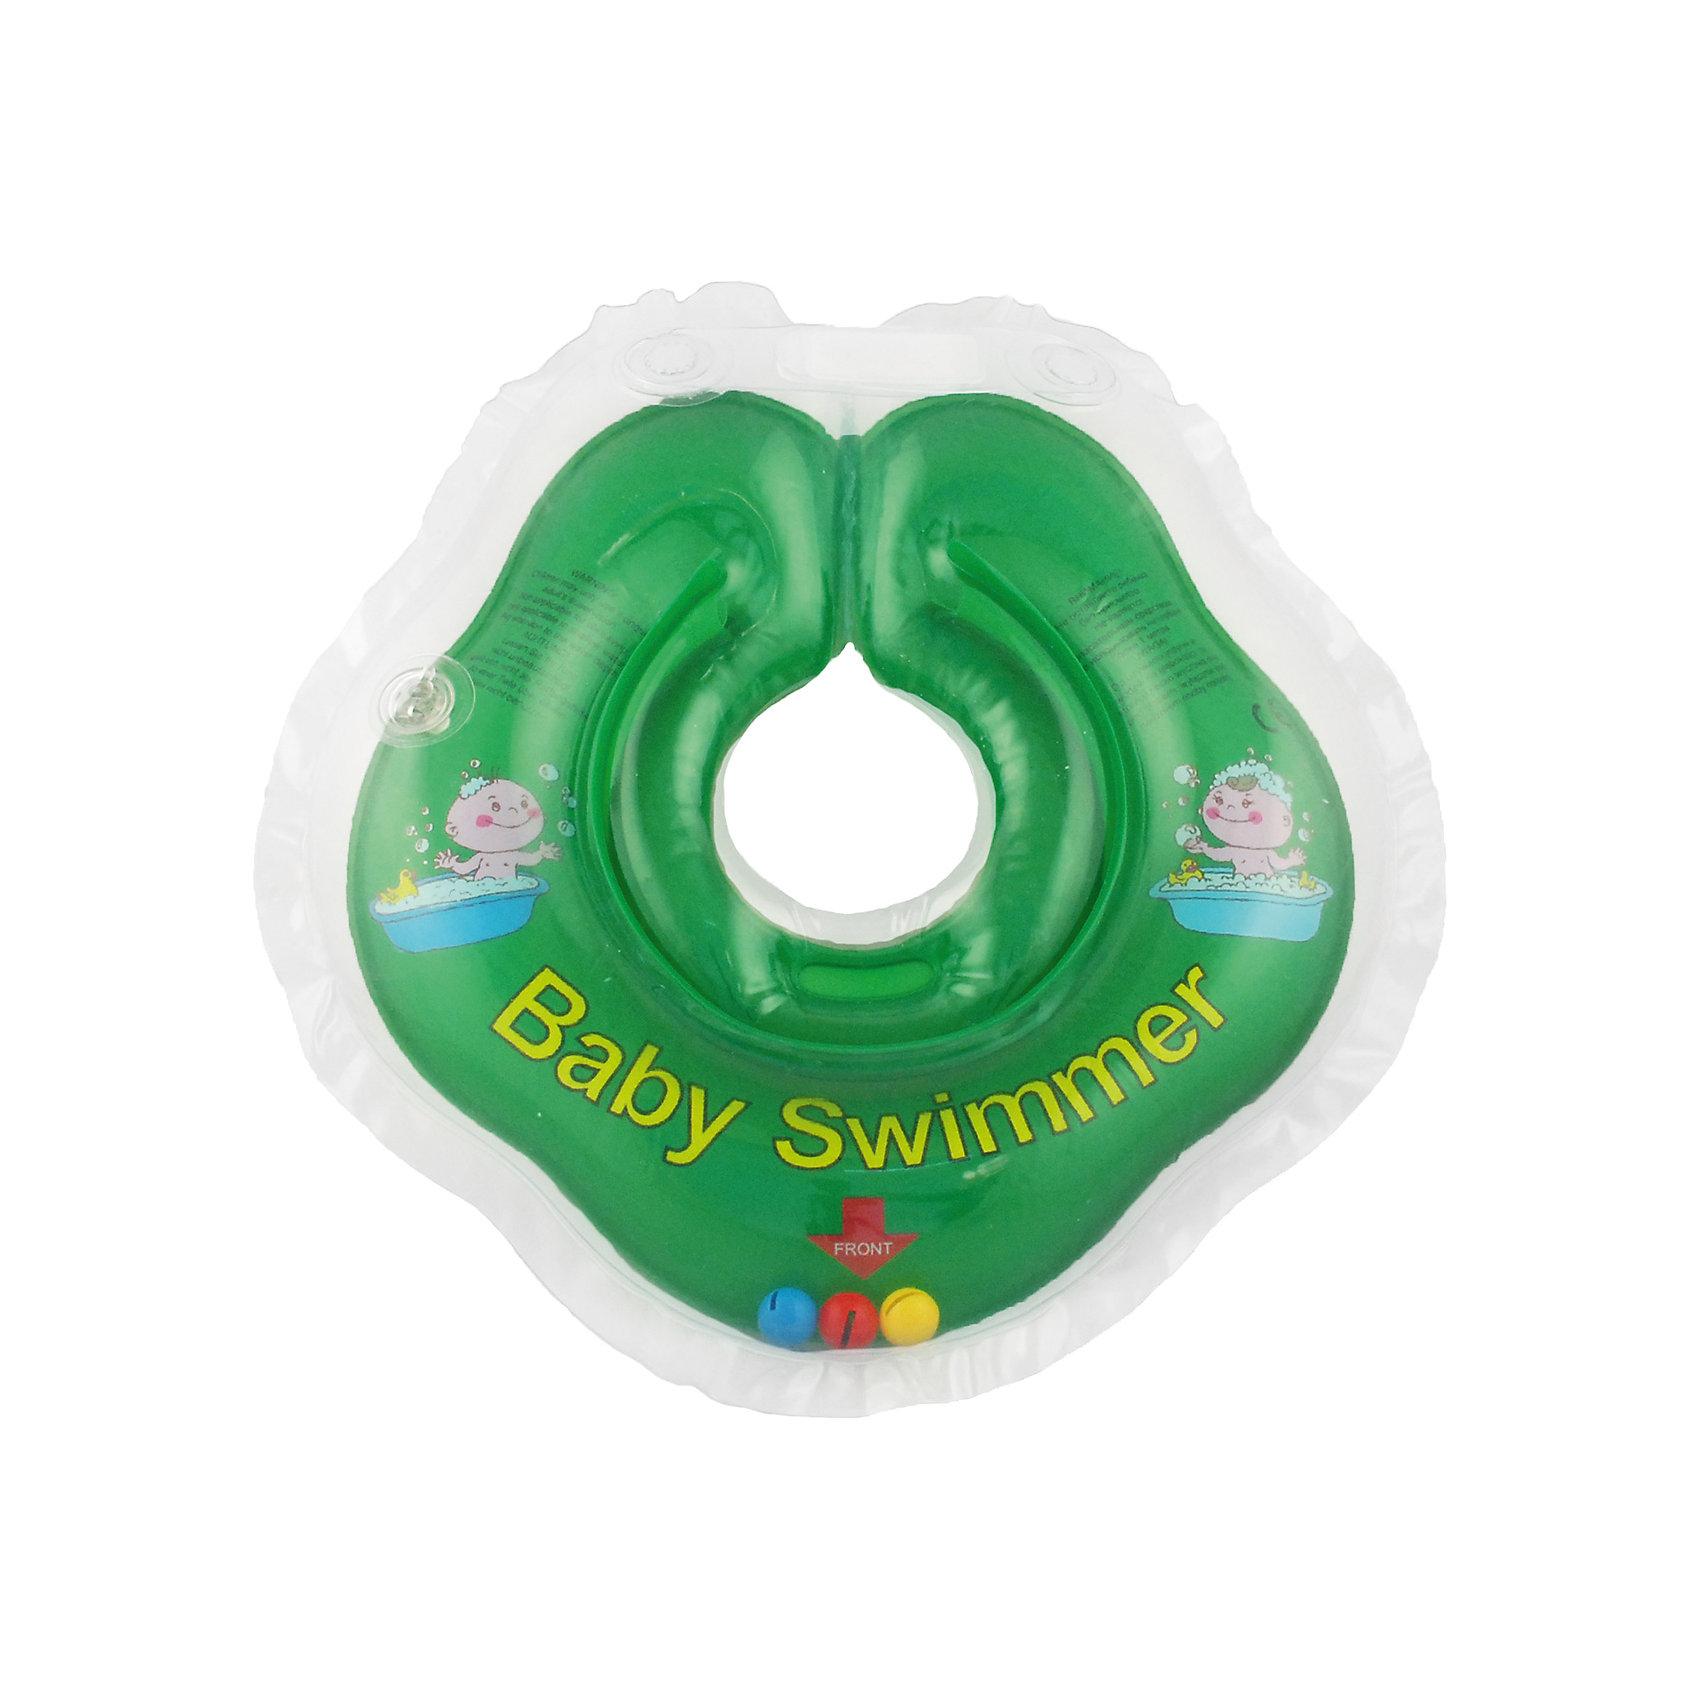 Круг для купания с погремушкой внутри BabySwimmer, зеленыйКруги для купания малыша<br>Круг для купания Baby Swimmer с погремушкой – улучшенная вариация классической одноименной модели. Отличительная особенность – погремушка внутри круга. Устройство обеспечит безопасность купания малыша, избавит  от страха воды и сделает водные процедуры веселой игрой. У круга есть устройство, поддерживающее подбородок, что позволит избежать проглатывание воды малышом. У круга яркие цвета, необычный дизайн и веселые картинки по бокам, которые понравится всем детям. Все материалы, использованные при разработке и изготовлении круга для купания безопасны для использования, отвечают всем требованиям экологичности и качества детских товаров, а так же гипоаллергенны.<br><br>Дополнительная информация:<br><br>модель: Baby Swimmer;<br>цвет: зеленый.<br><br>Круг для купания с погремушкой внутри Baby Swimmer можно приобрести в нашем магазине.<br><br>Ширина мм: 150<br>Глубина мм: 40<br>Высота мм: 150<br>Вес г: 140<br>Возраст от месяцев: 0<br>Возраст до месяцев: 24<br>Пол: Унисекс<br>Возраст: Детский<br>SKU: 4968098